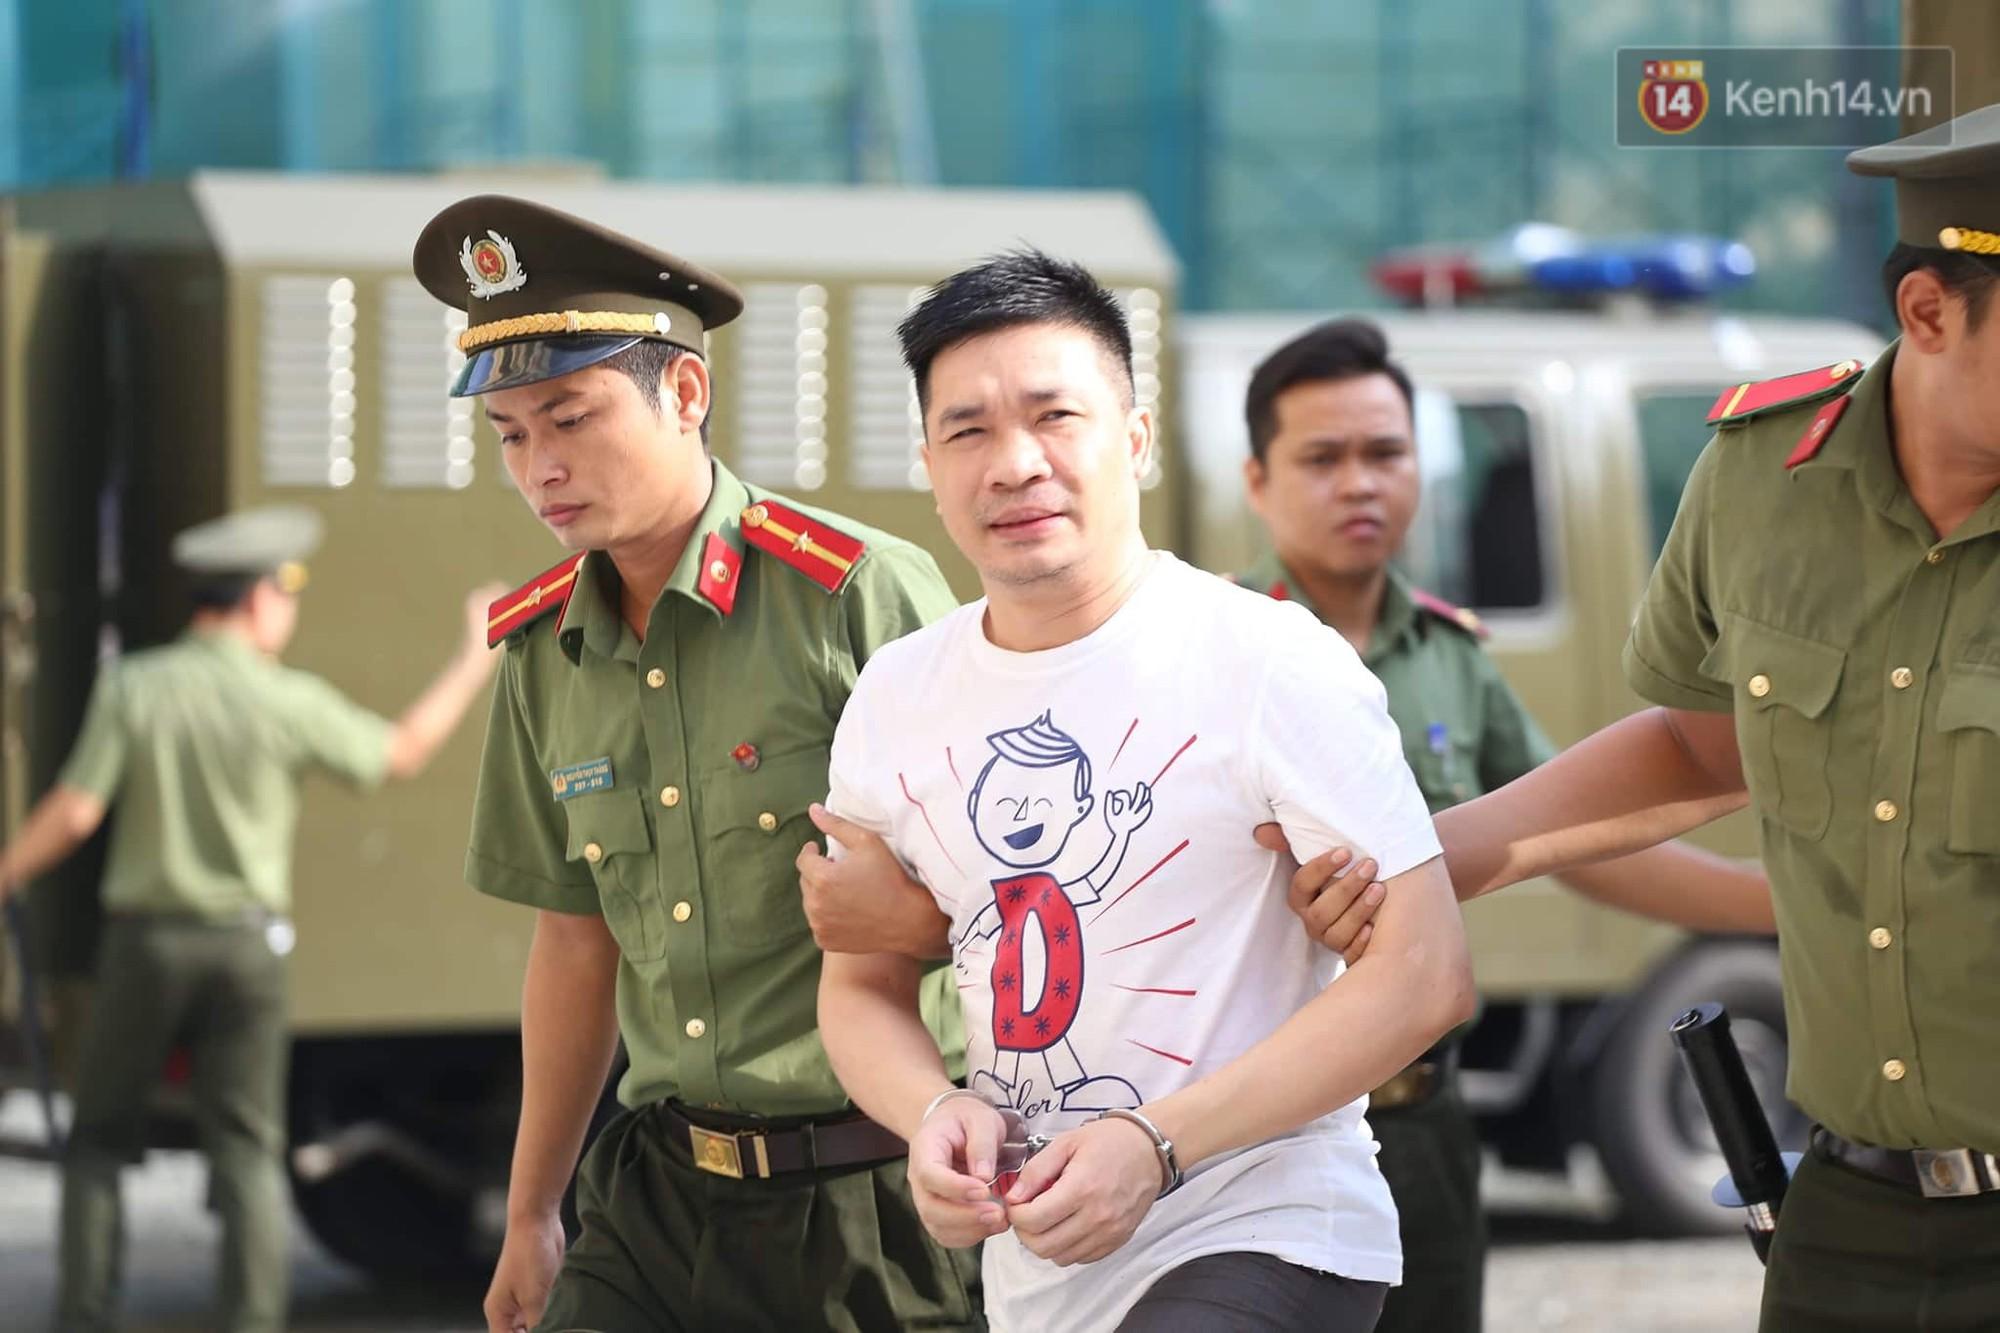 Ông trùm Văn Kính Dương vẫn cười dù bị đề nghị tử hình, hotgirl Ngọc Miu bật khóc khi VKS đưa mức án 20 năm tù - Ảnh 1.